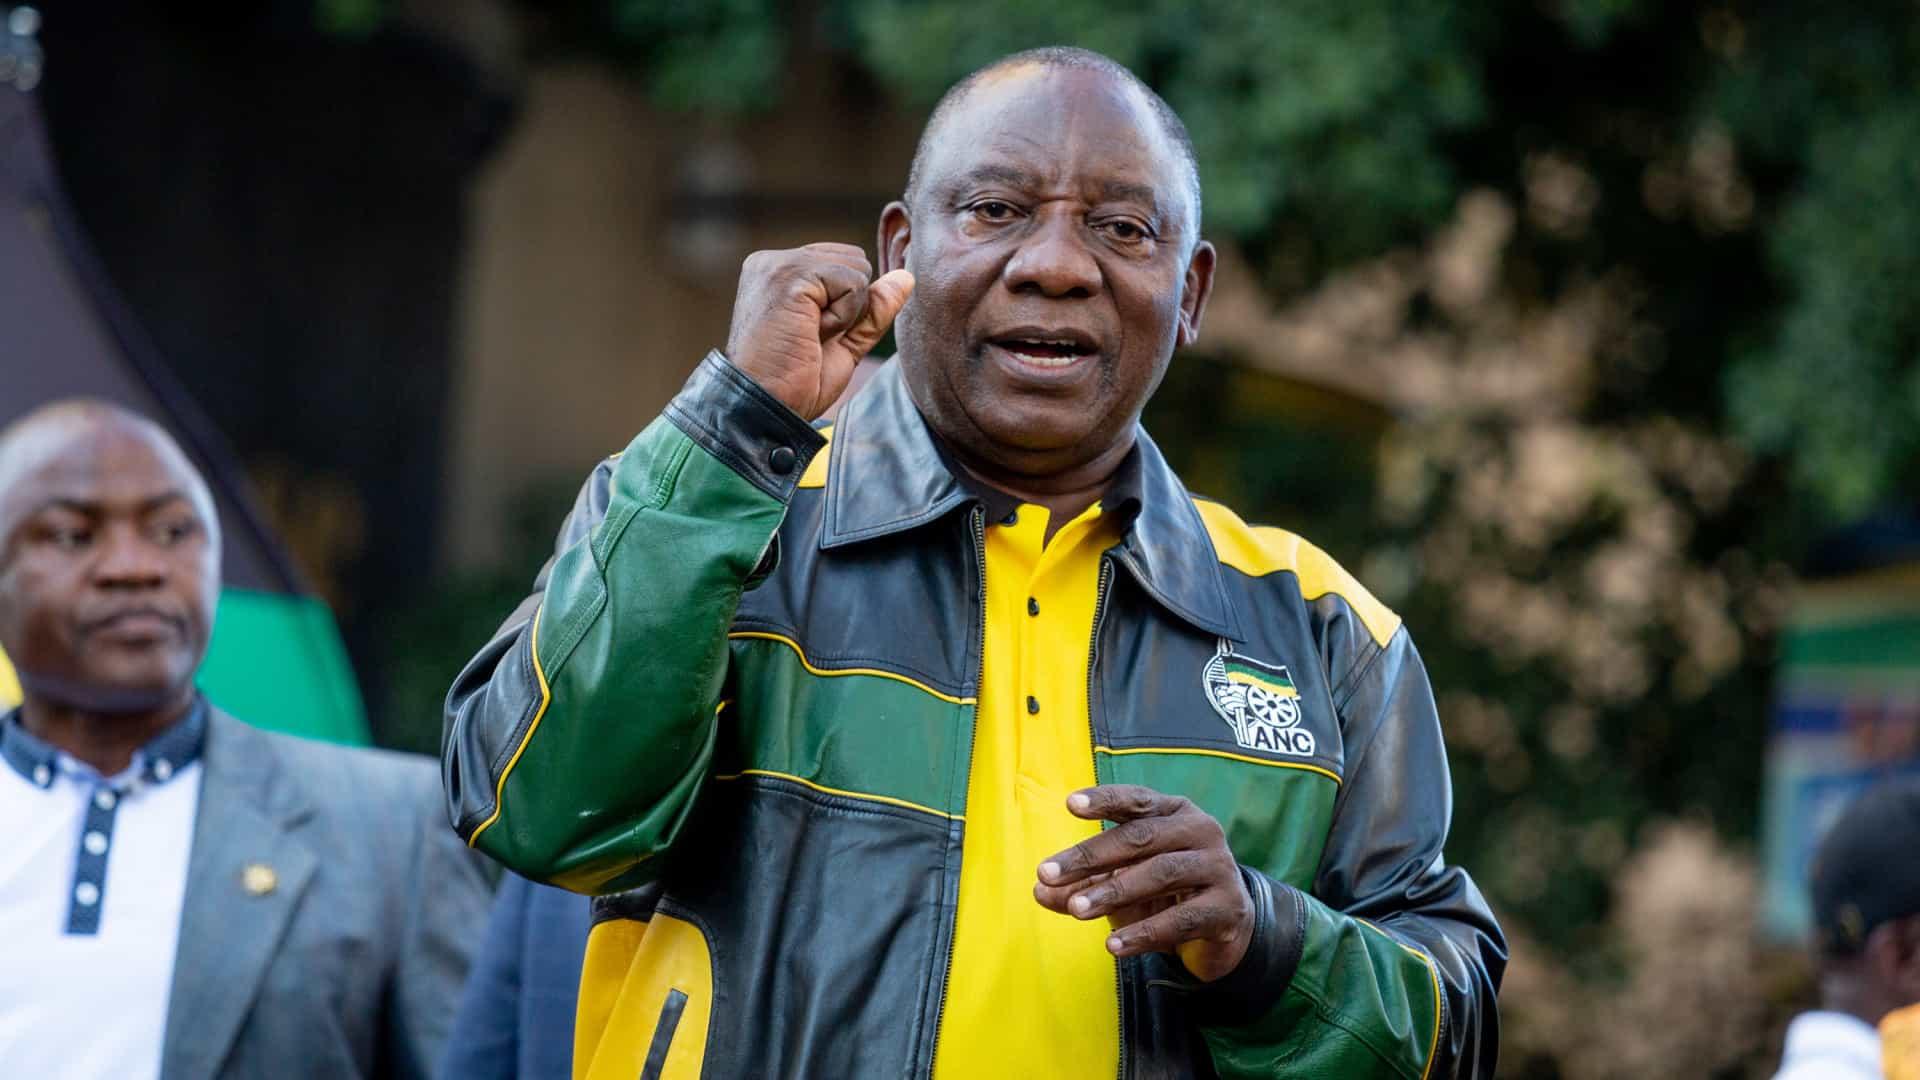 [object object] - Cyril Ramaphosa - Presidente sul-africano promete mais emprego e combate à corrupção